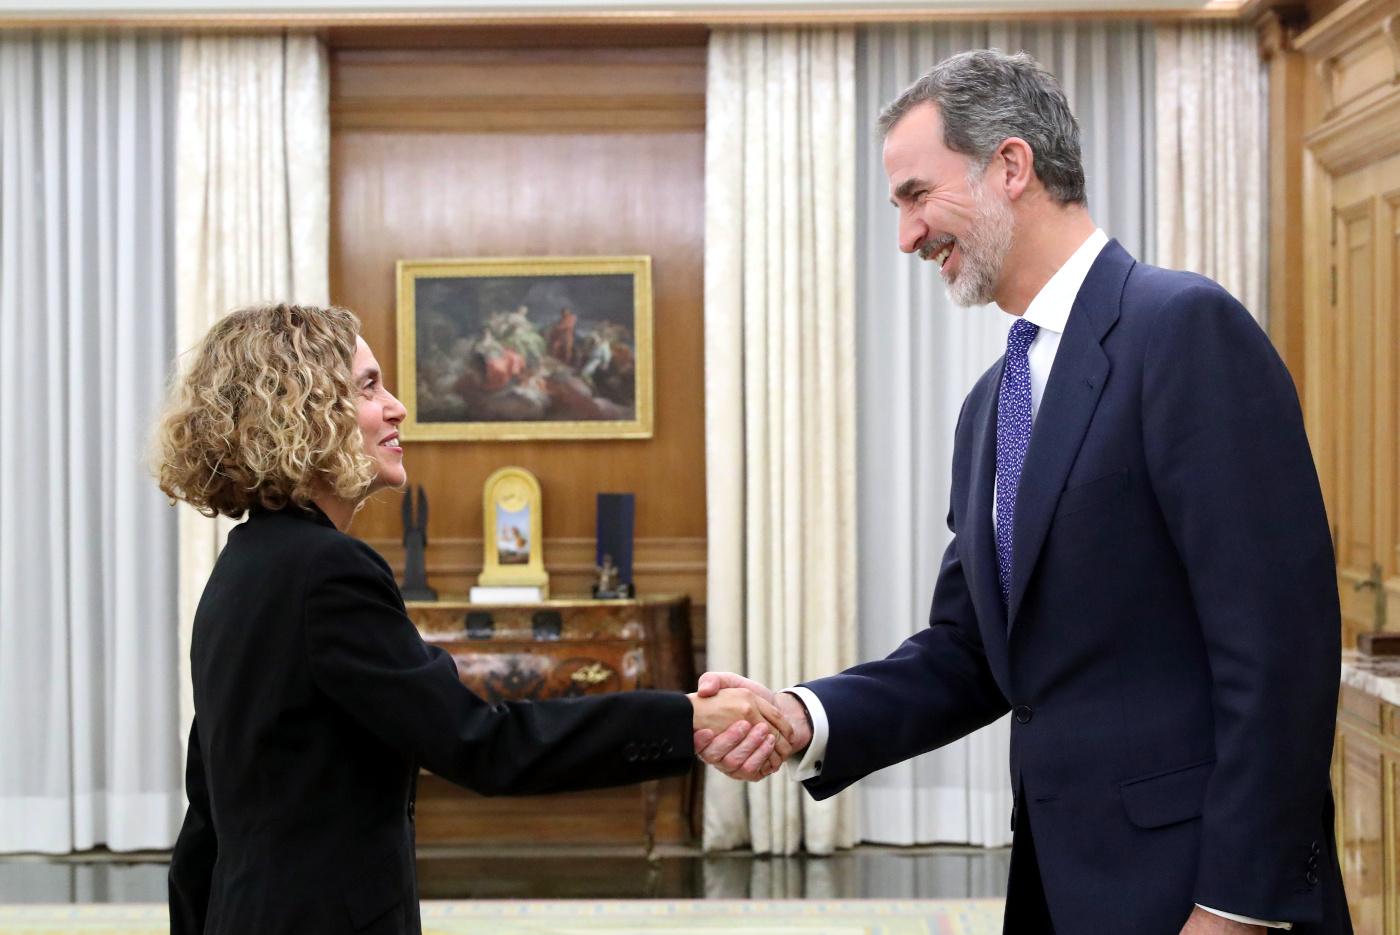 https://www.casareal.es/sitios/ListasAux/Galeras/20191210-CONSULTAS_DE_SU_MAJESTAD_EL_RE-ES-229258/rey_consultas_20191211_37.jpg